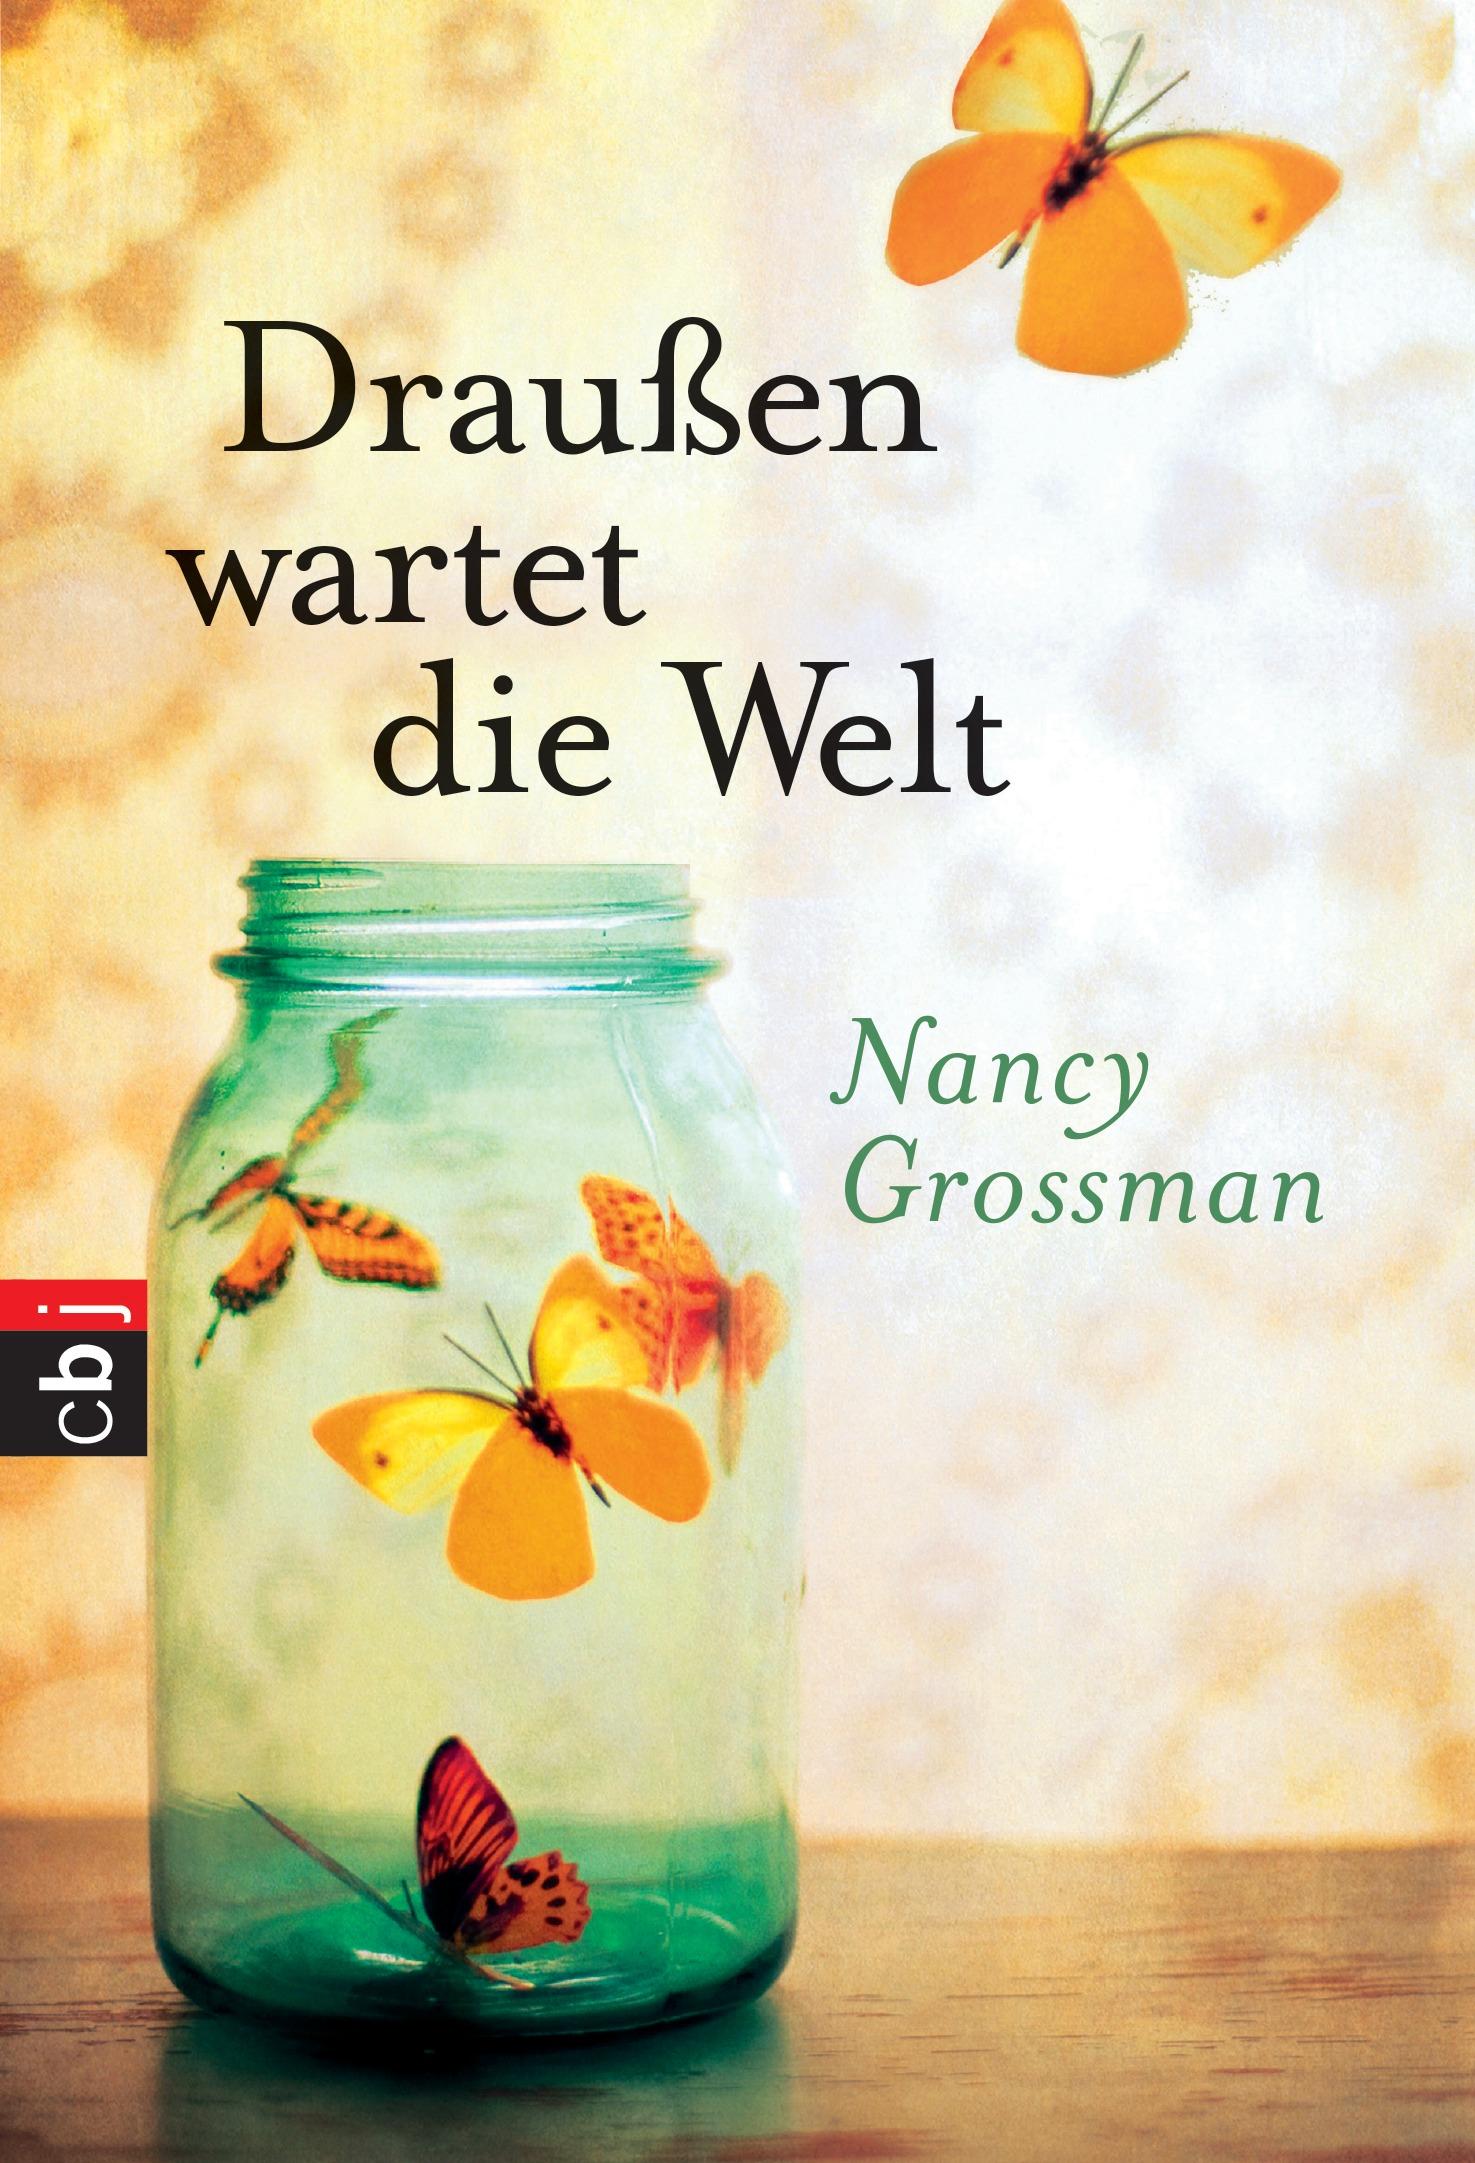 Draussen wartet die Welt von Nancy Grossman